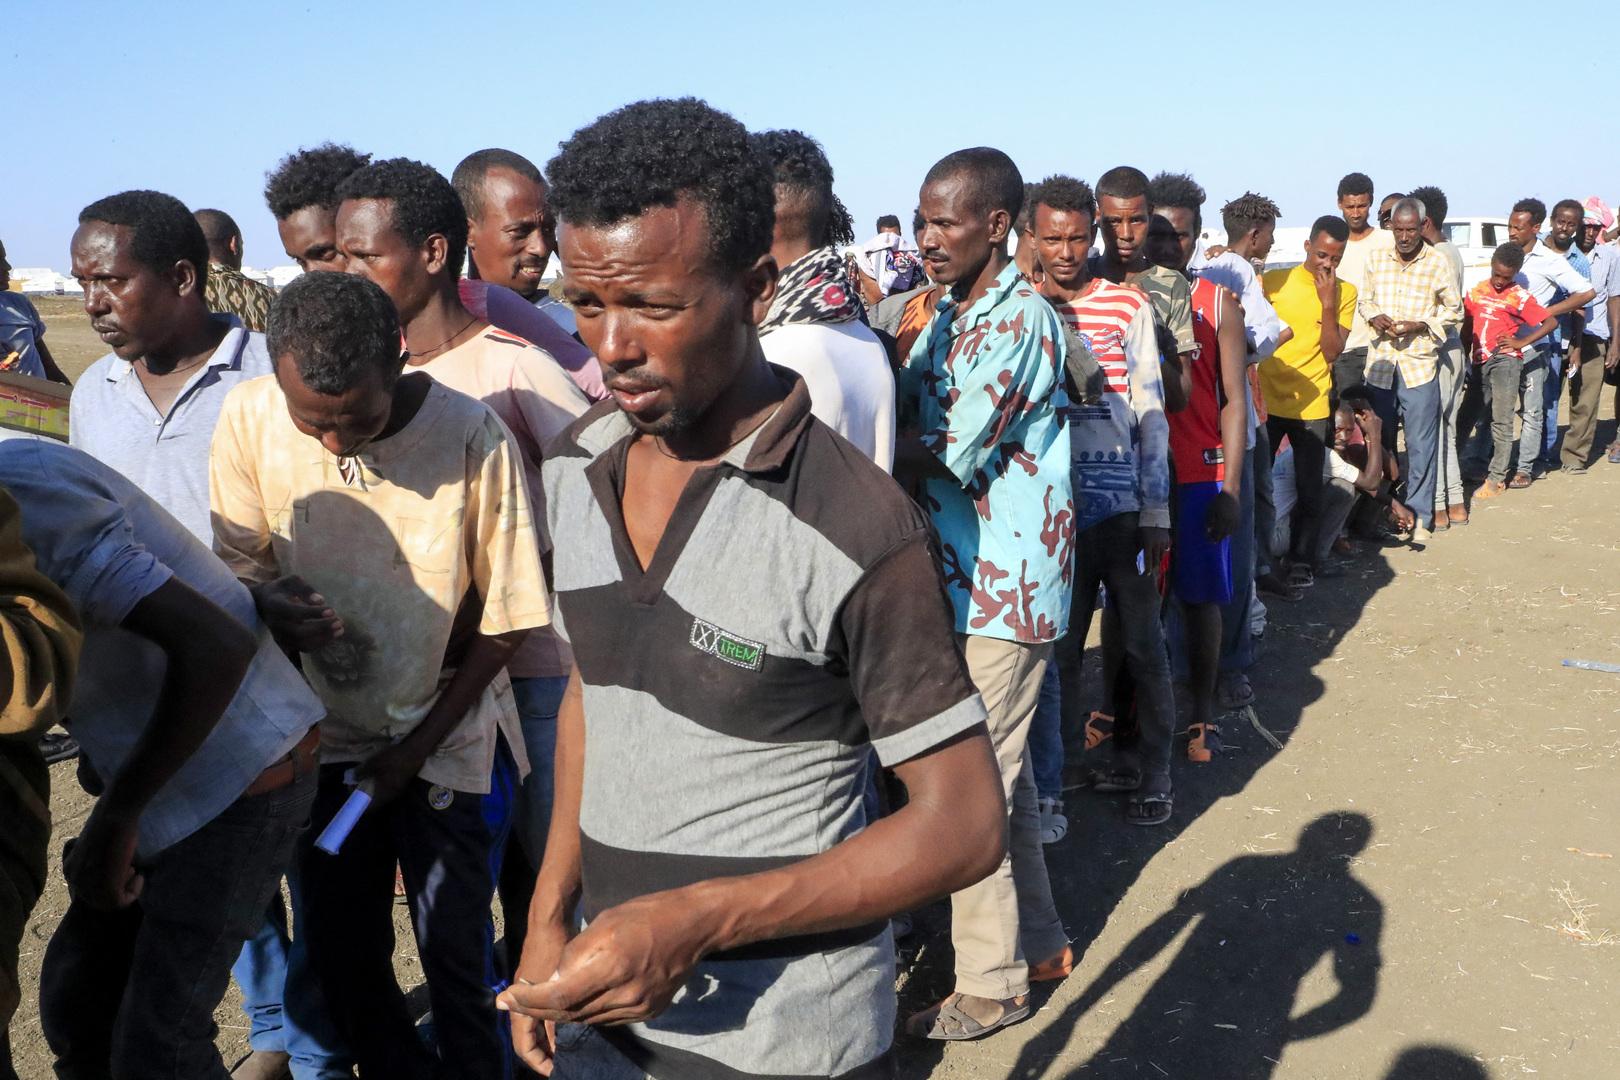 الجوع في إقليم تيغراي الإثيوبي